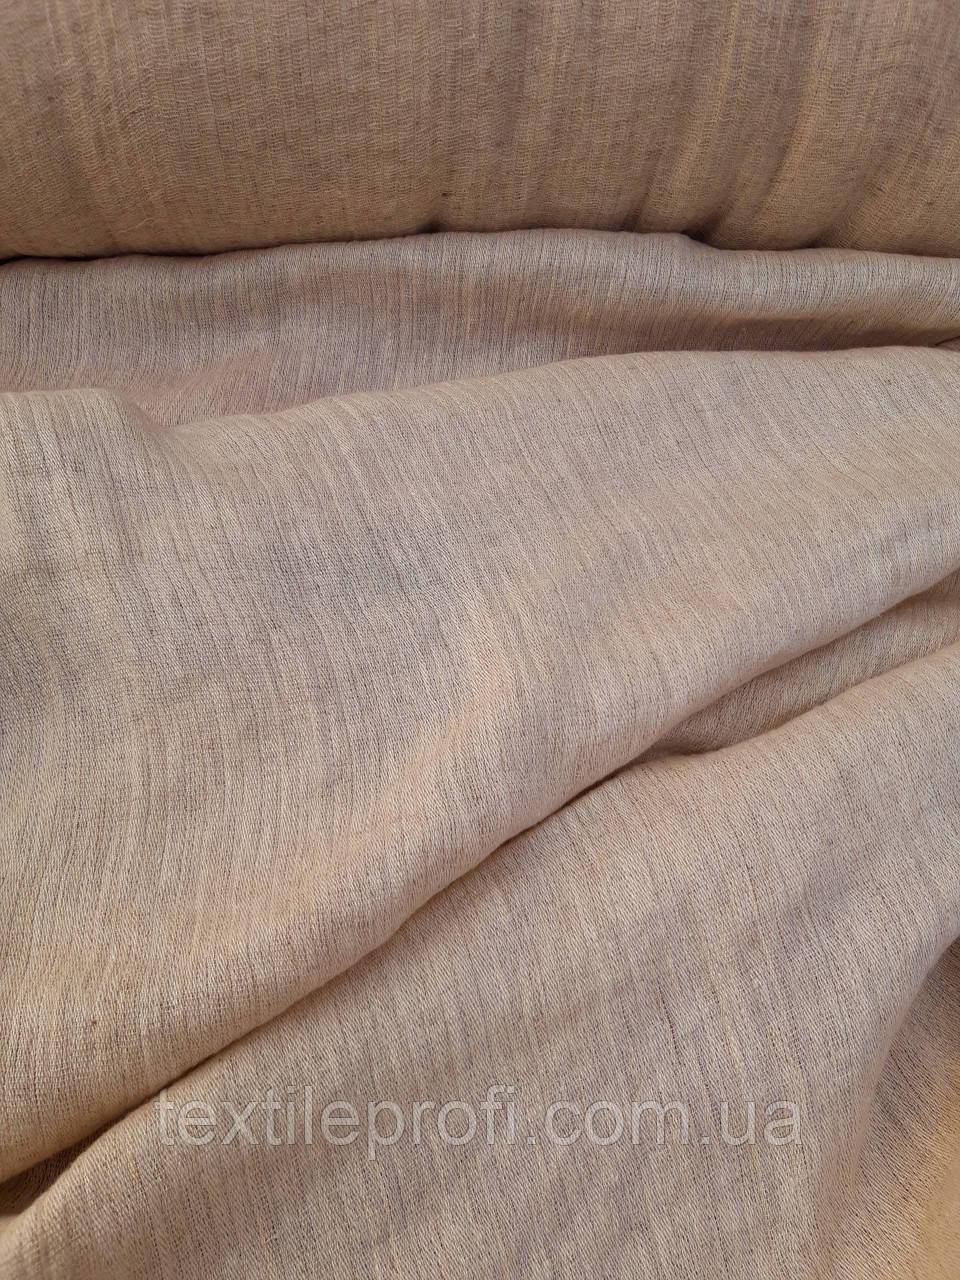 Ткань с эффектом крэш купить журавинка ткань купить москва